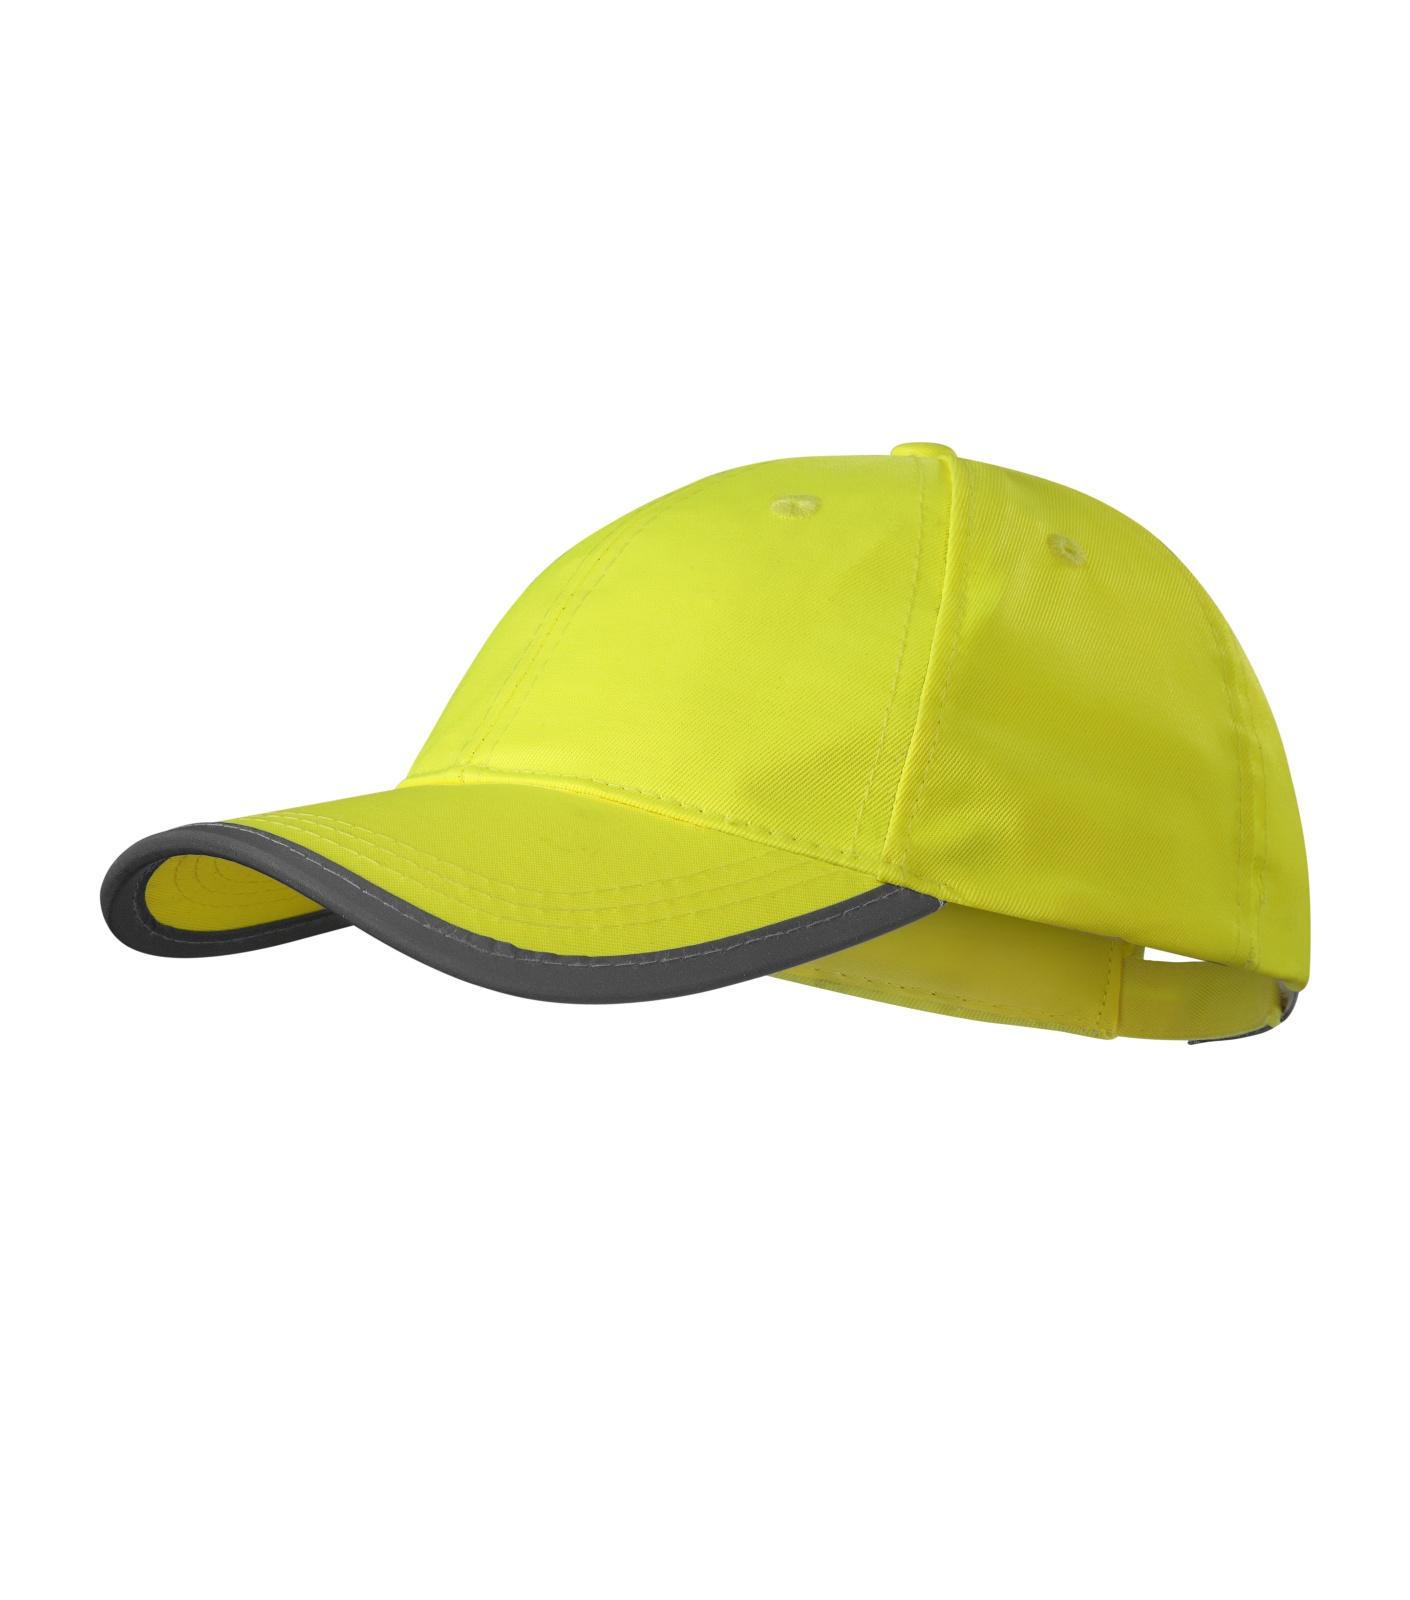 żółty odblaskowy